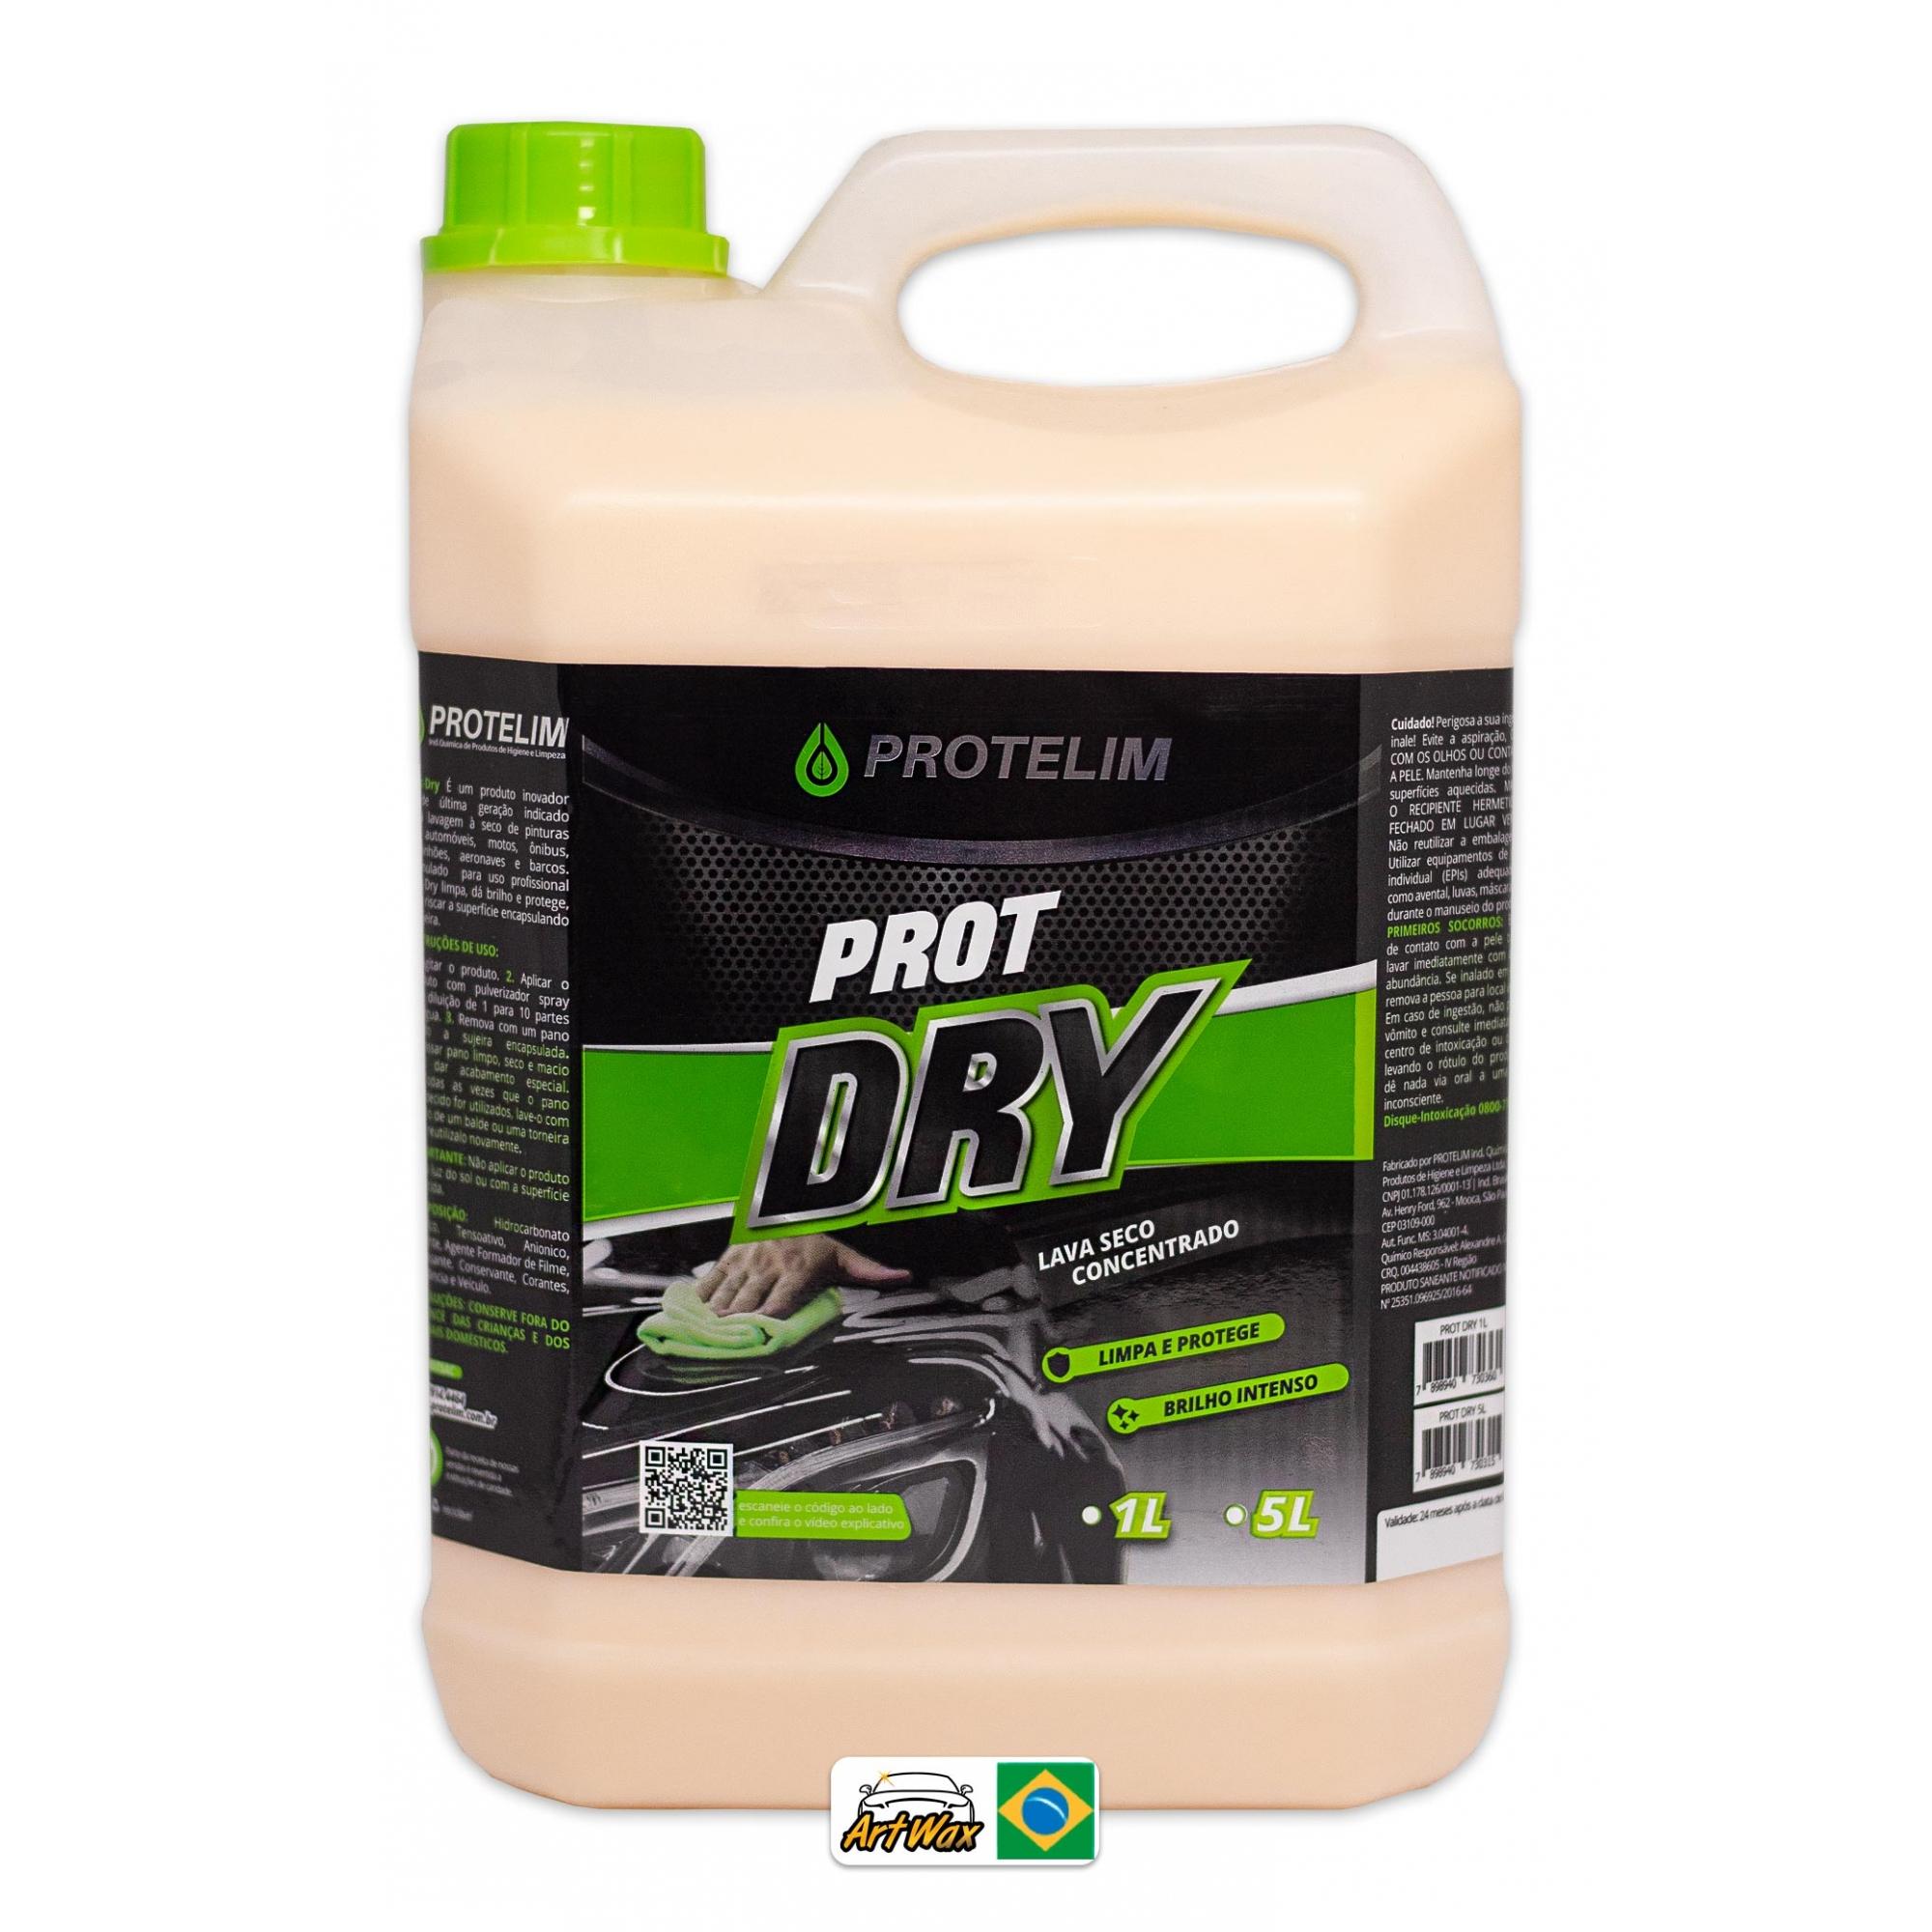 Protelim Prot Dry Lava Seco 5L